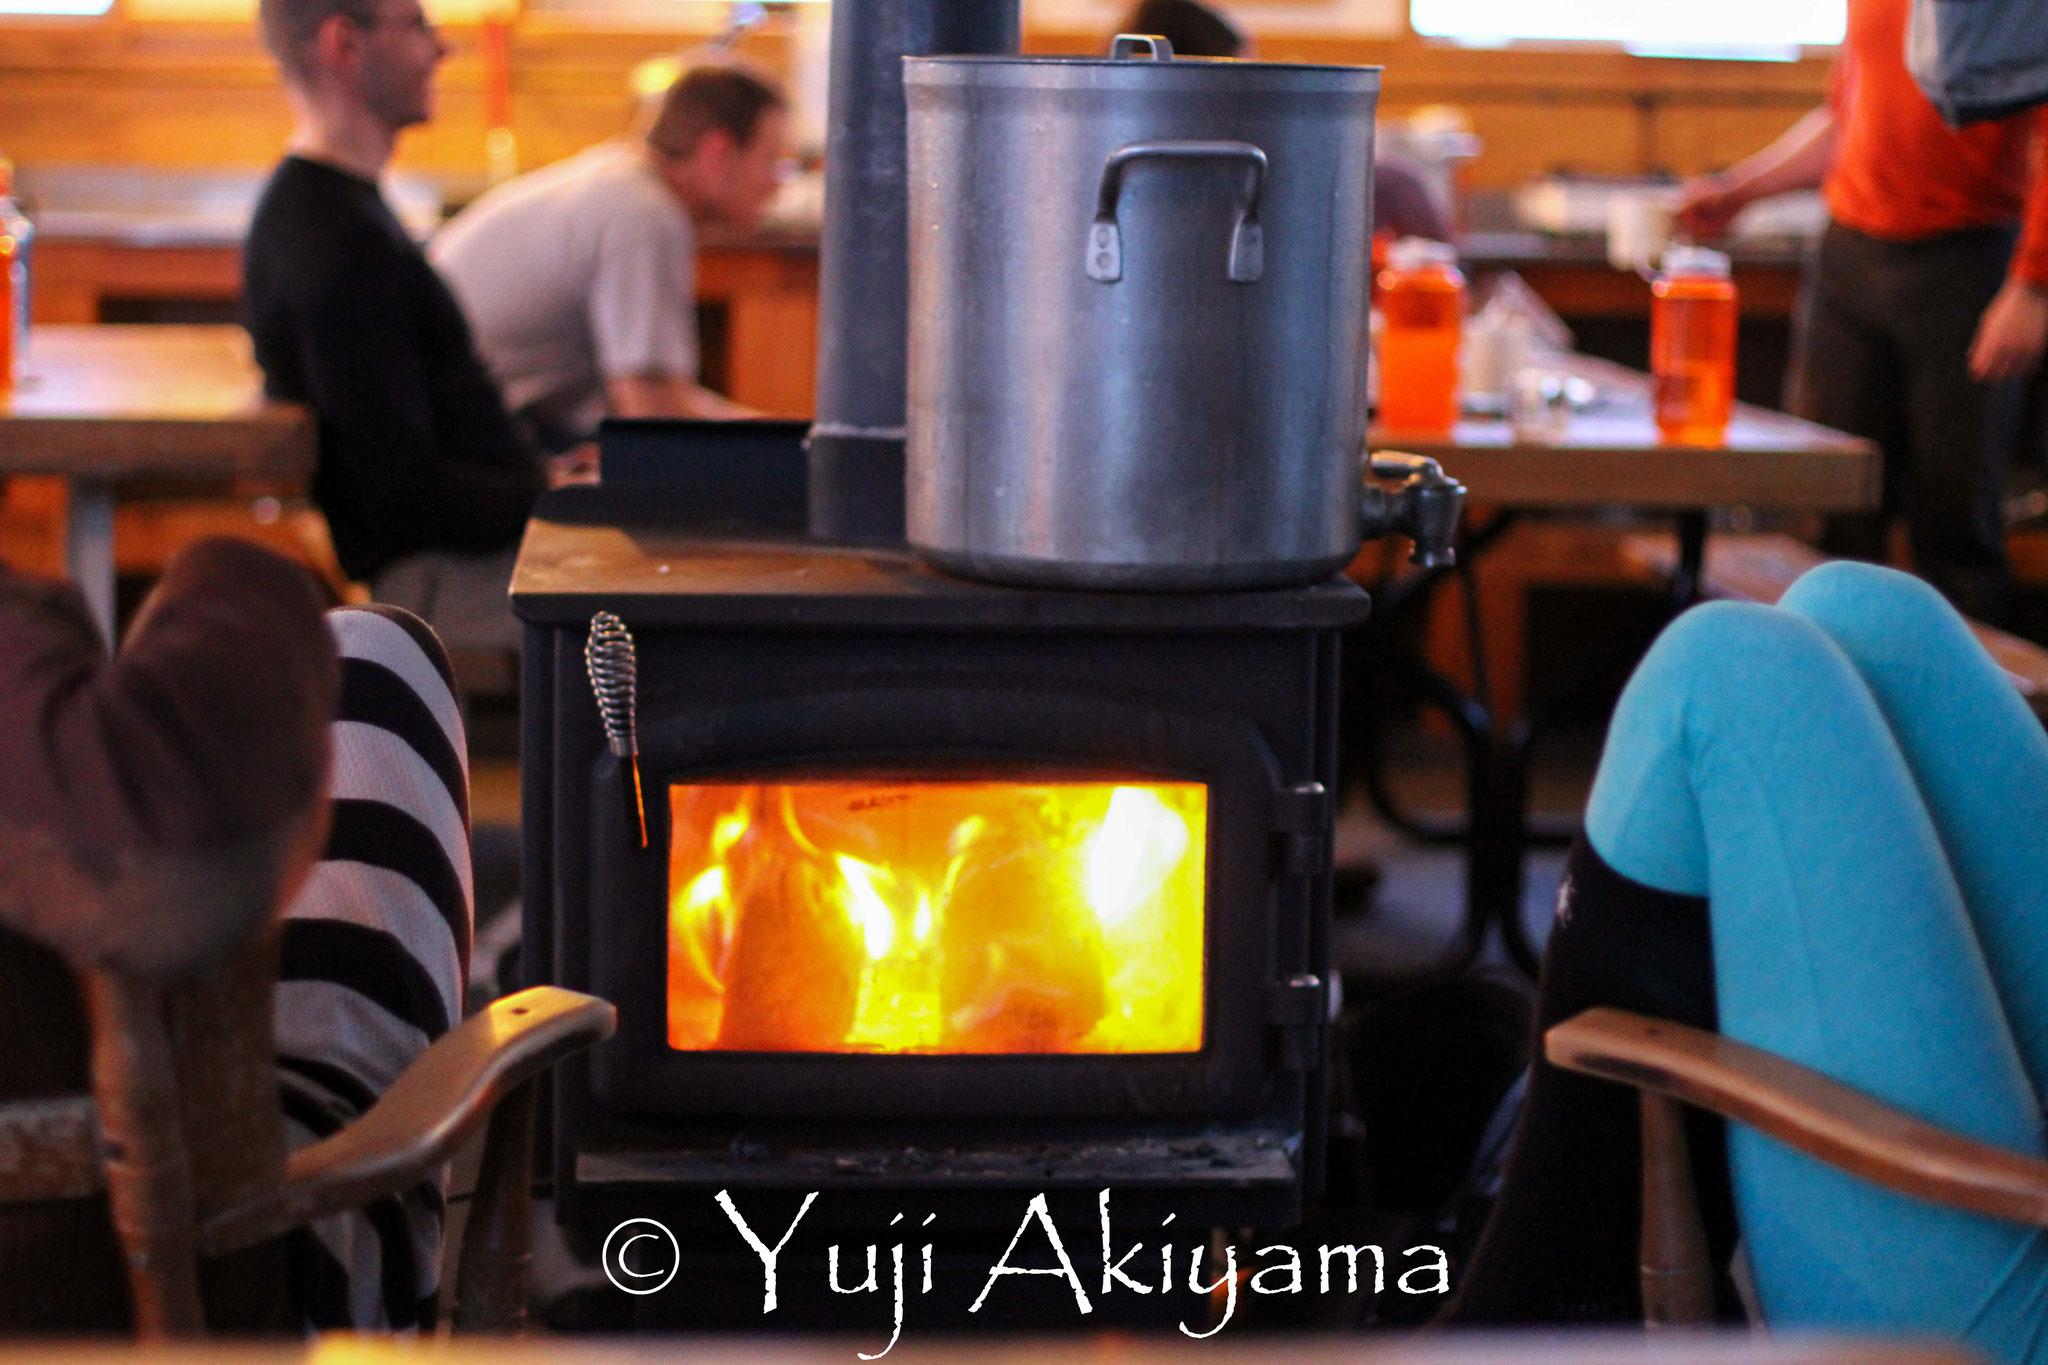 暖炉の周りでのくつろぎタイム